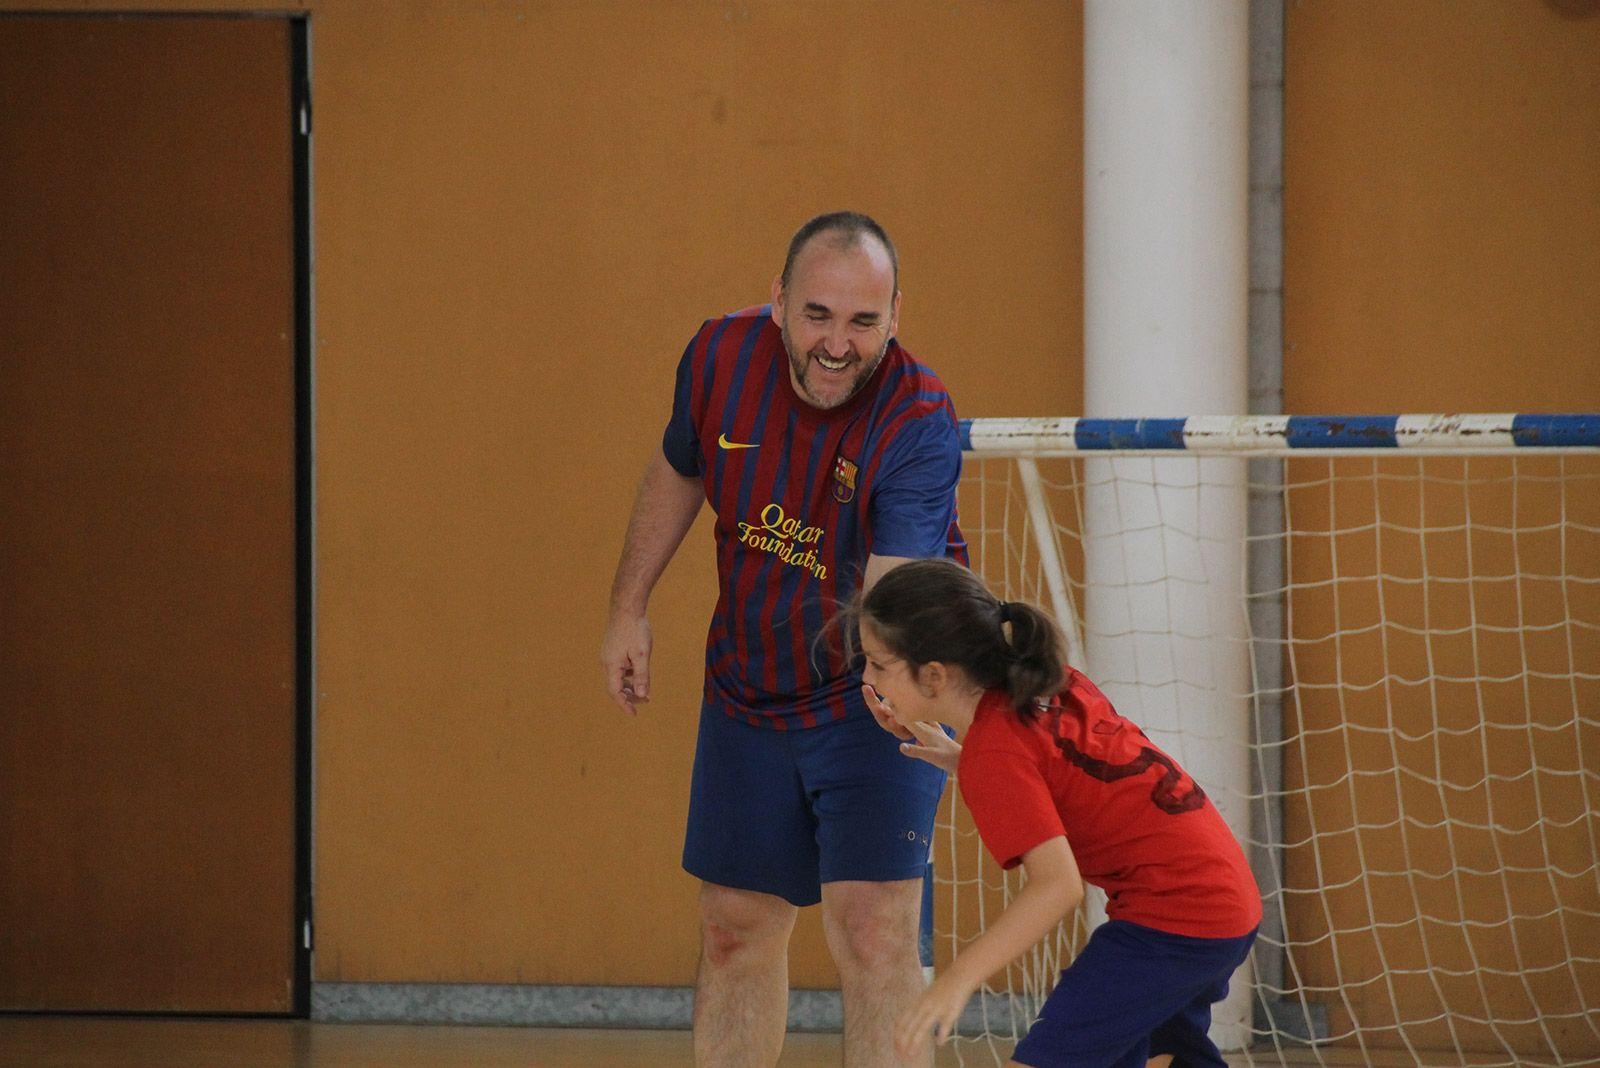 Torneig 3X3 de futbol sala per la Festa Major de La Floresta. FOTO: Paula Galván